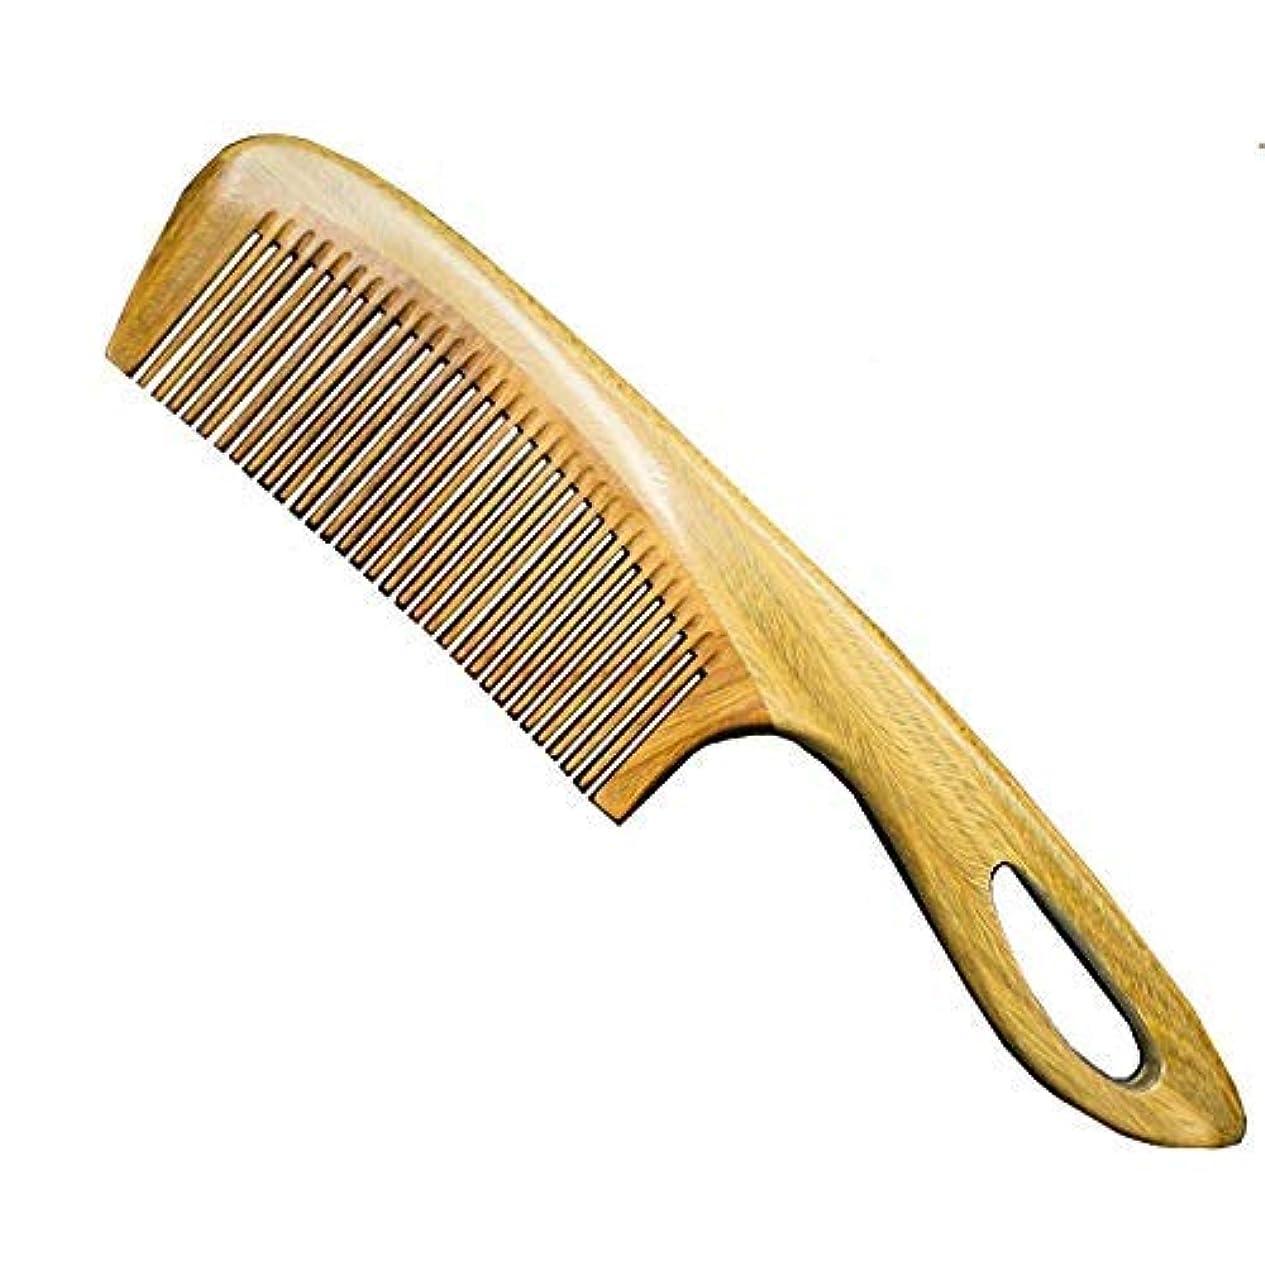 形成メーター領域Natural Sandalwood Wood Comb - No Static Fine Tooth Hair Comb - Natural Aroma, Handmade, Massage Head, Hair Care...